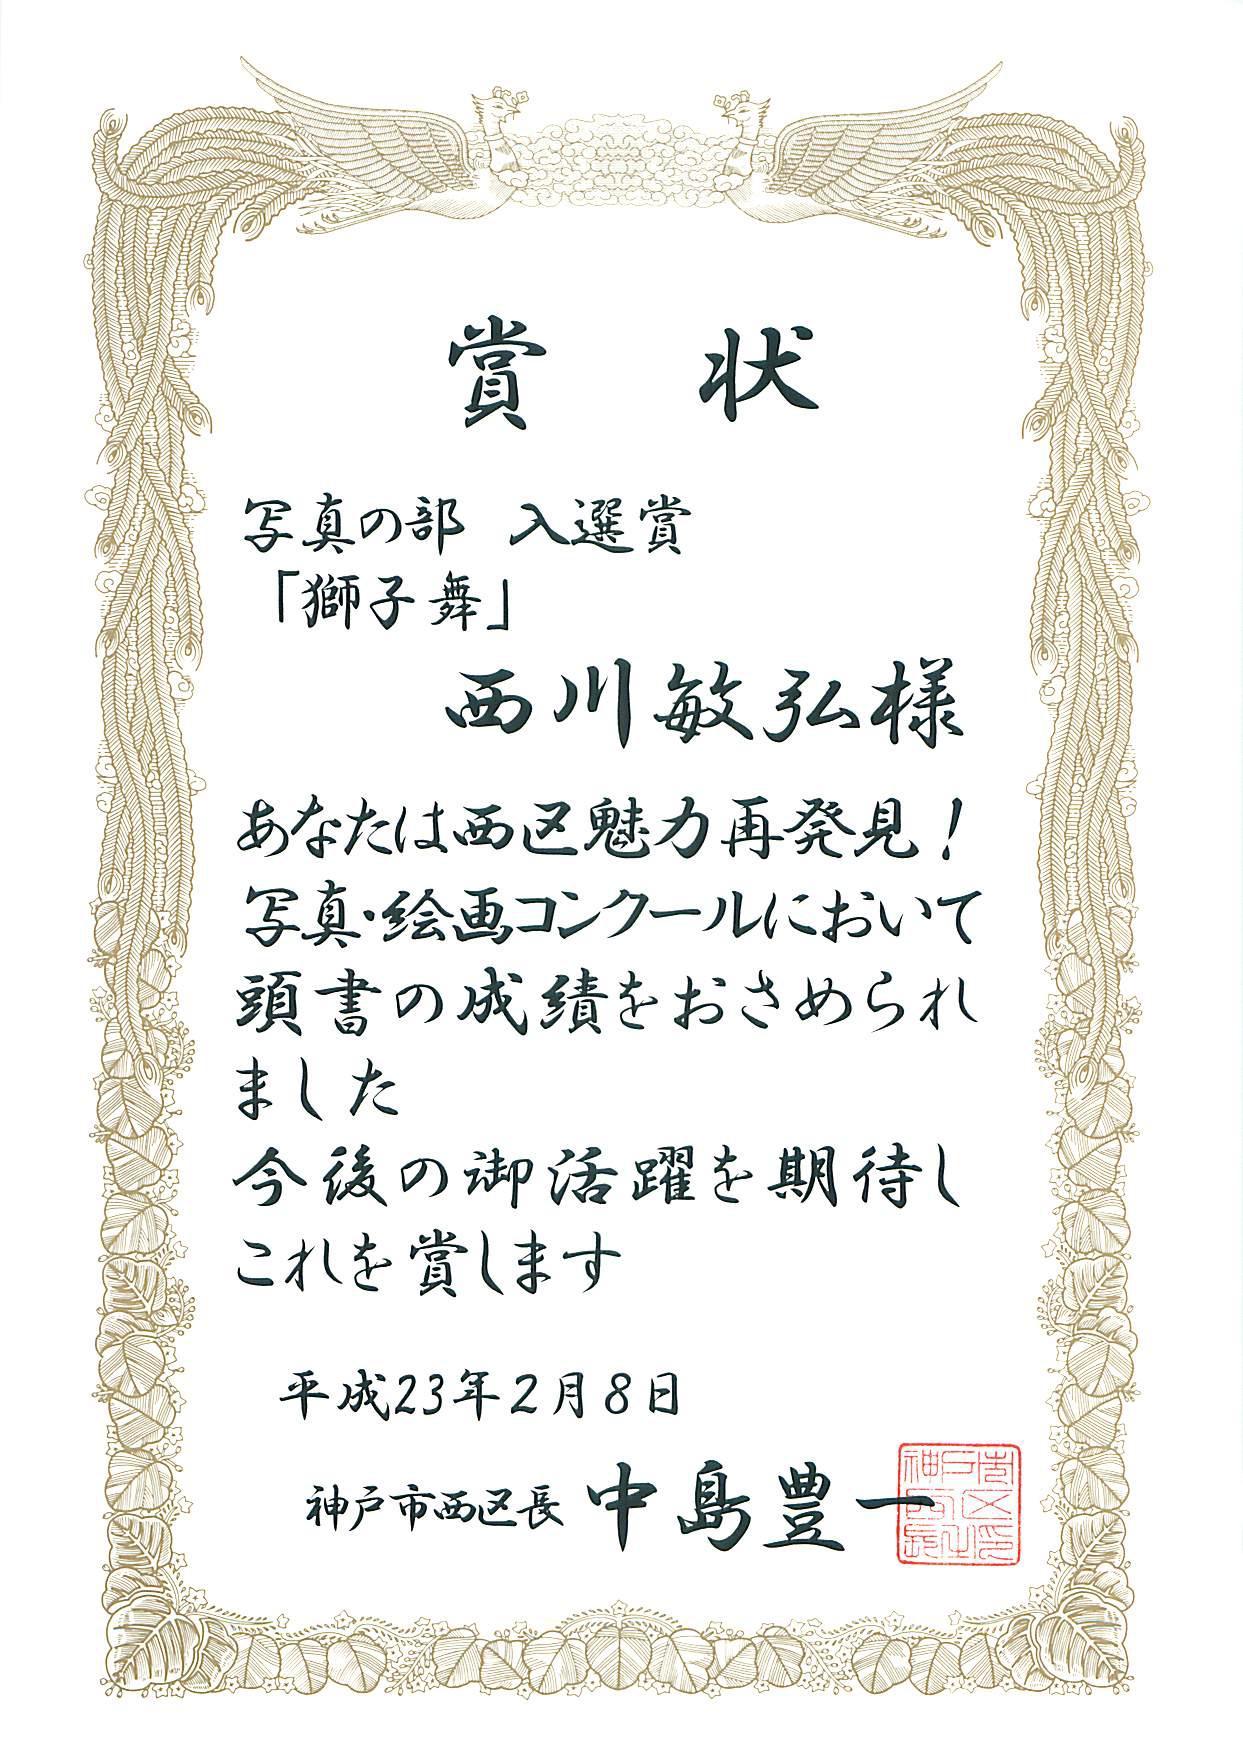 神戸市・西区魅力再発見写真コンクール      入選_a0288226_9423380.jpg